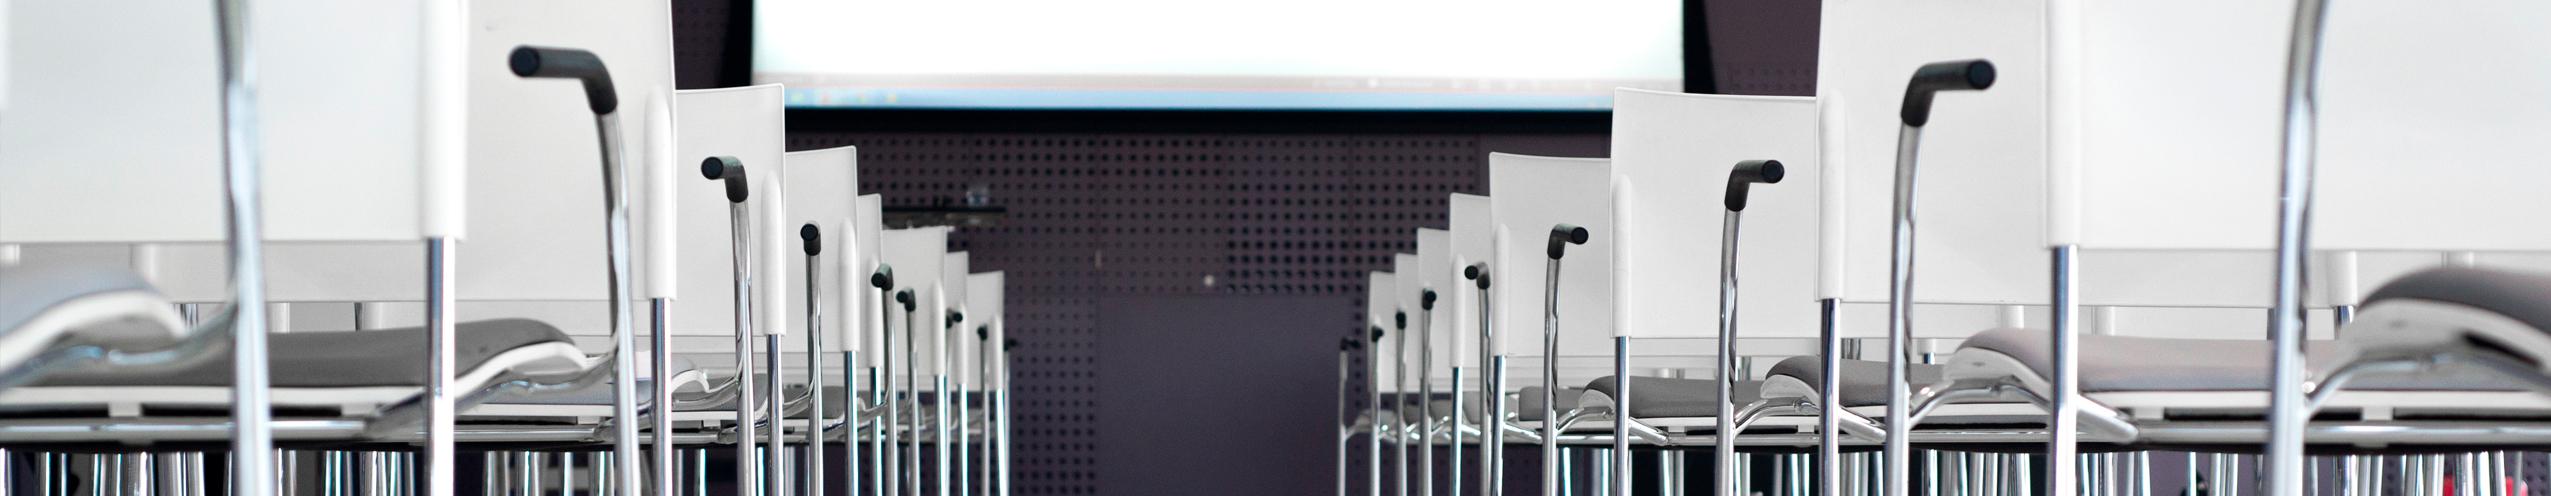 Imagen que representa el apartado de congresos de odontología de la plataforma de odontología de Inspiria